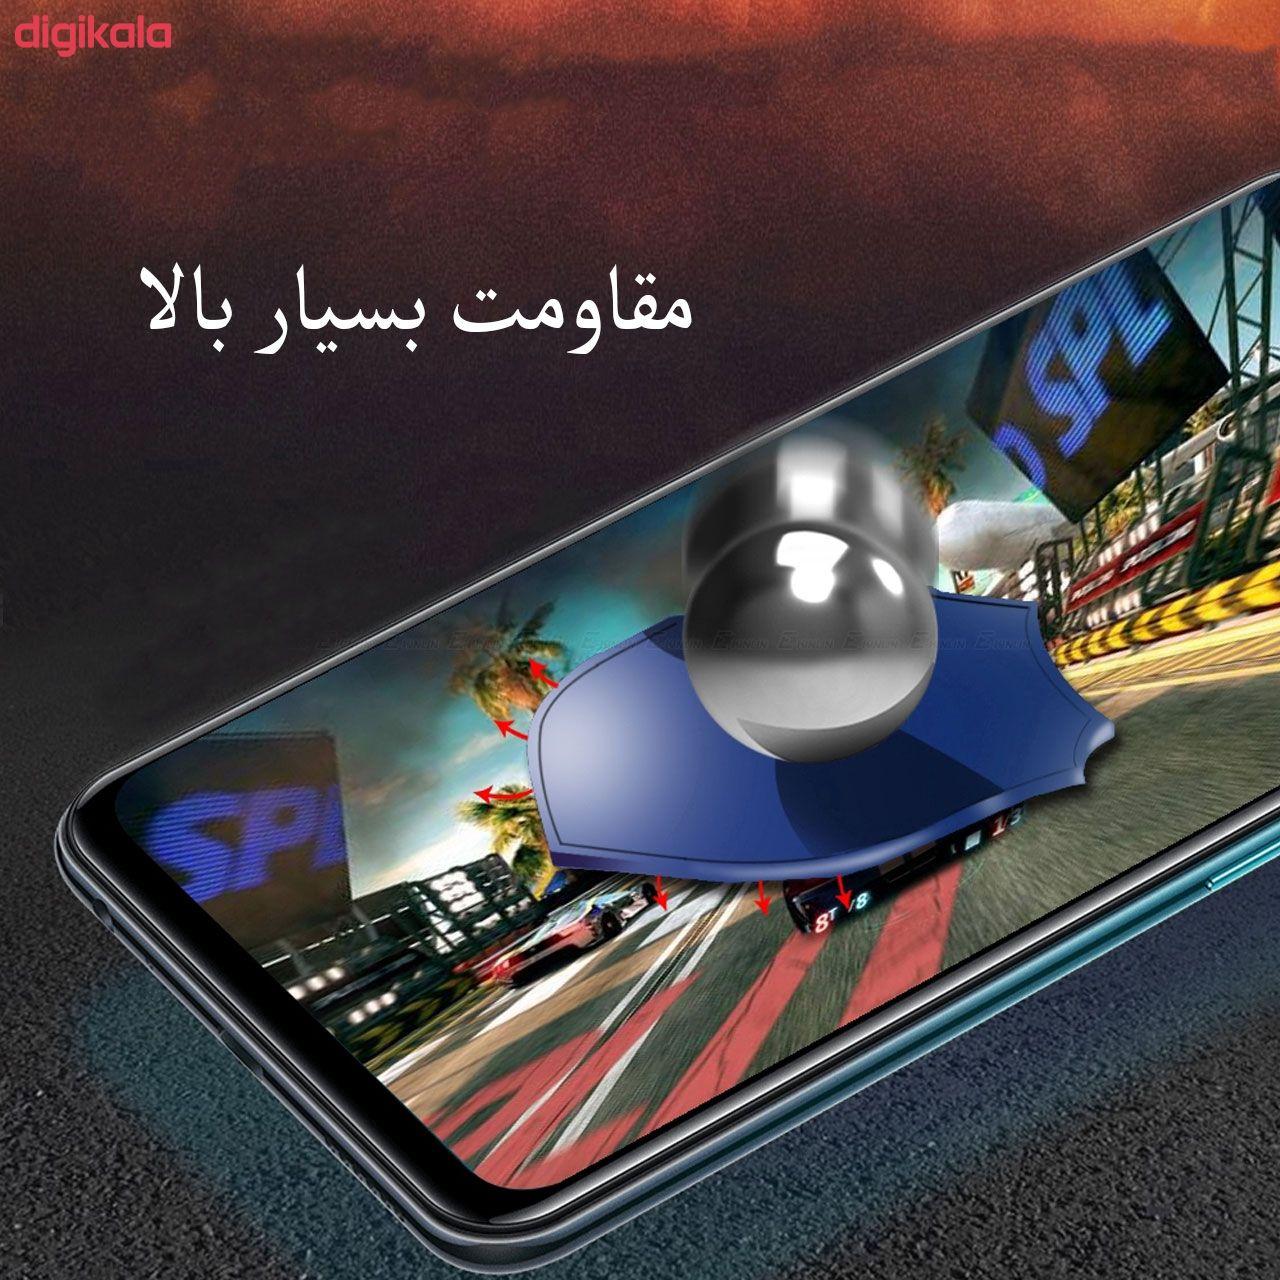 محافظ صفحه نمایش مدل FCG مناسب برای گوشی موبایل شیائومی Redmi 9 main 1 5